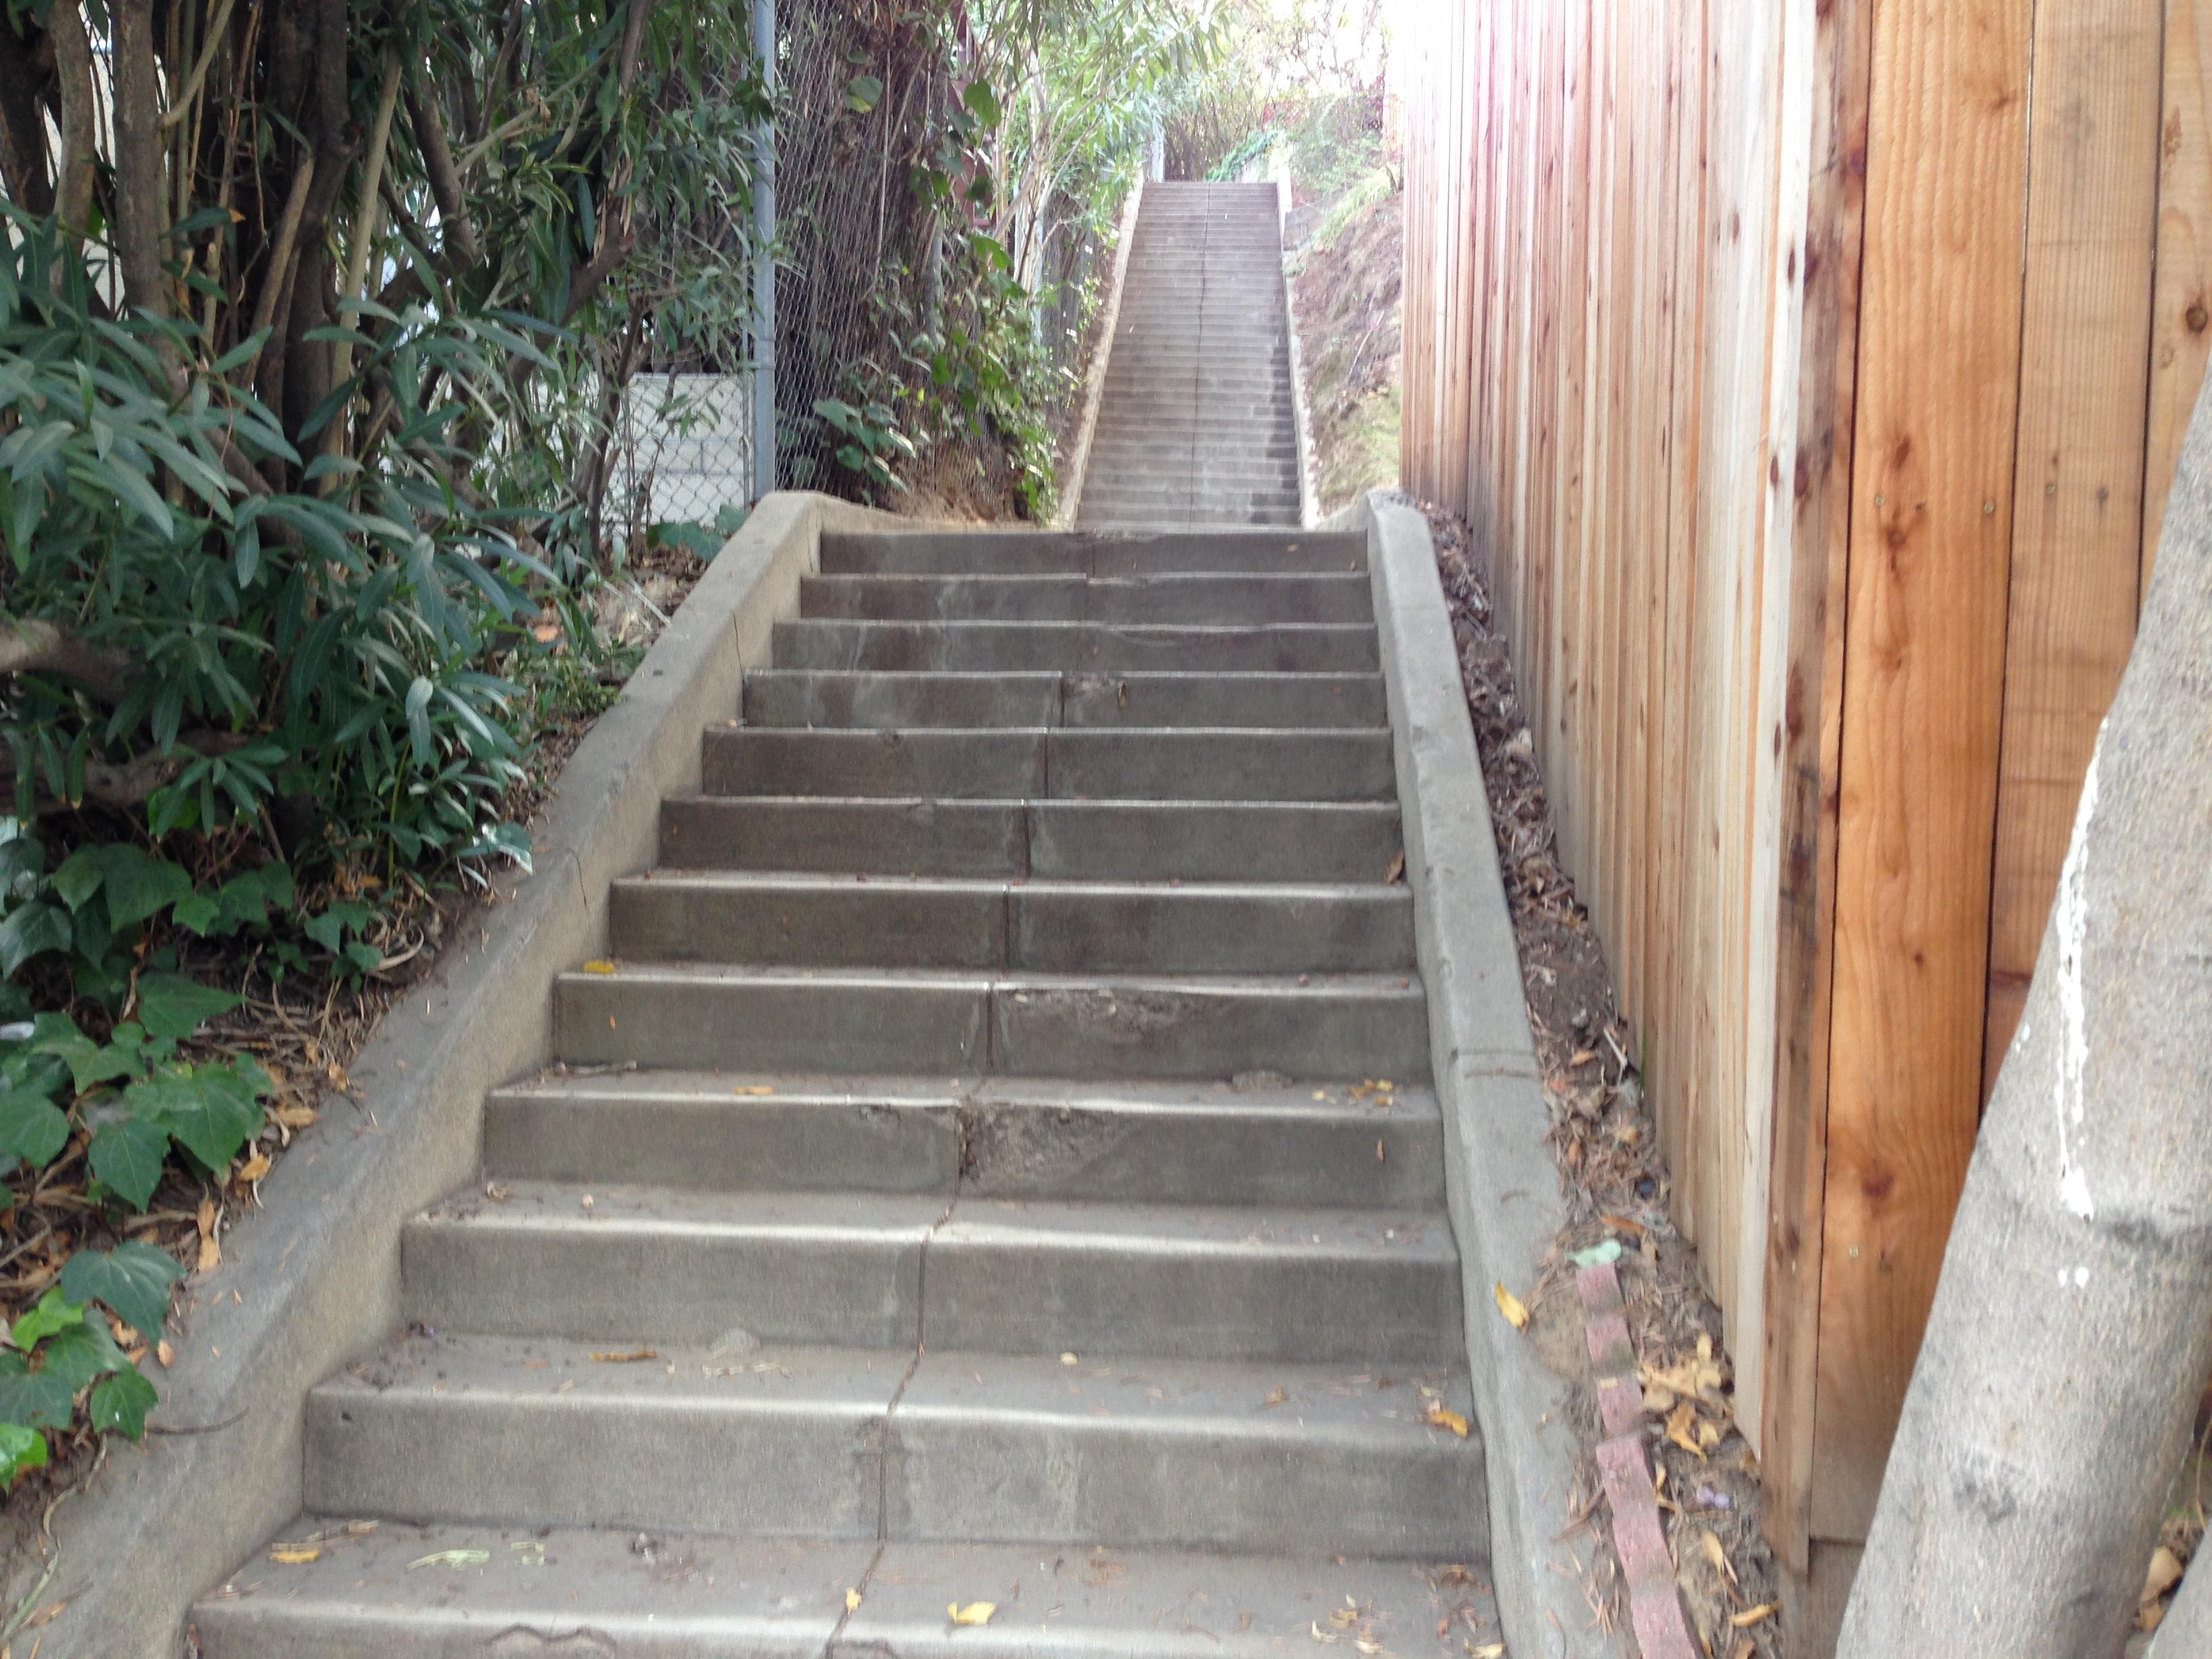 Why I stair walk